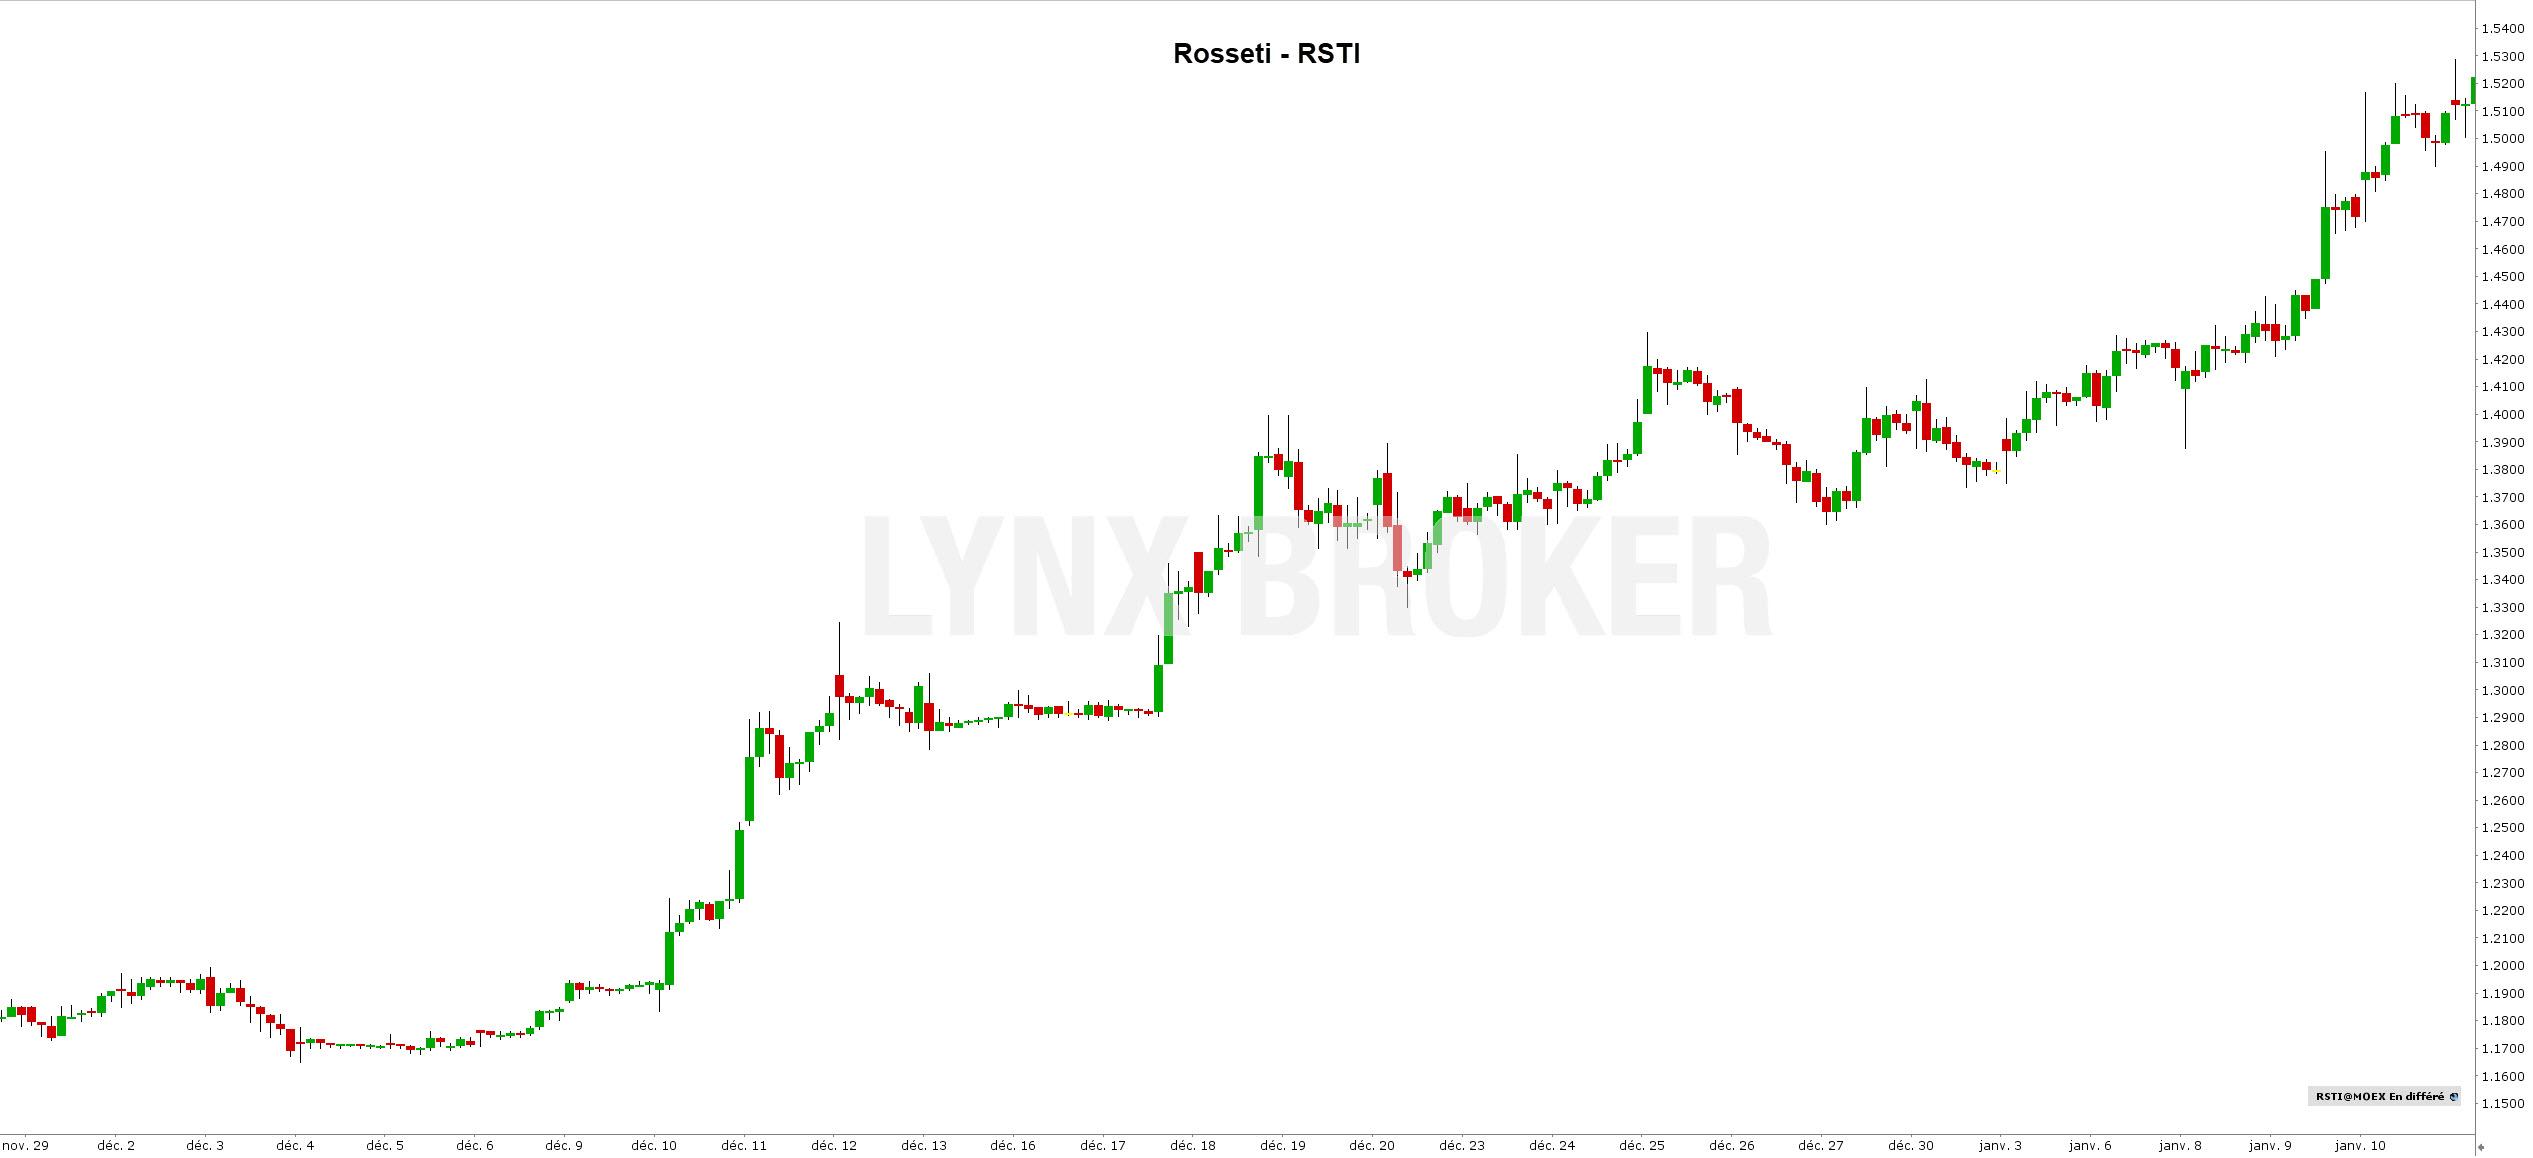 action russe bourse - acheter des actions russes - action rosseti